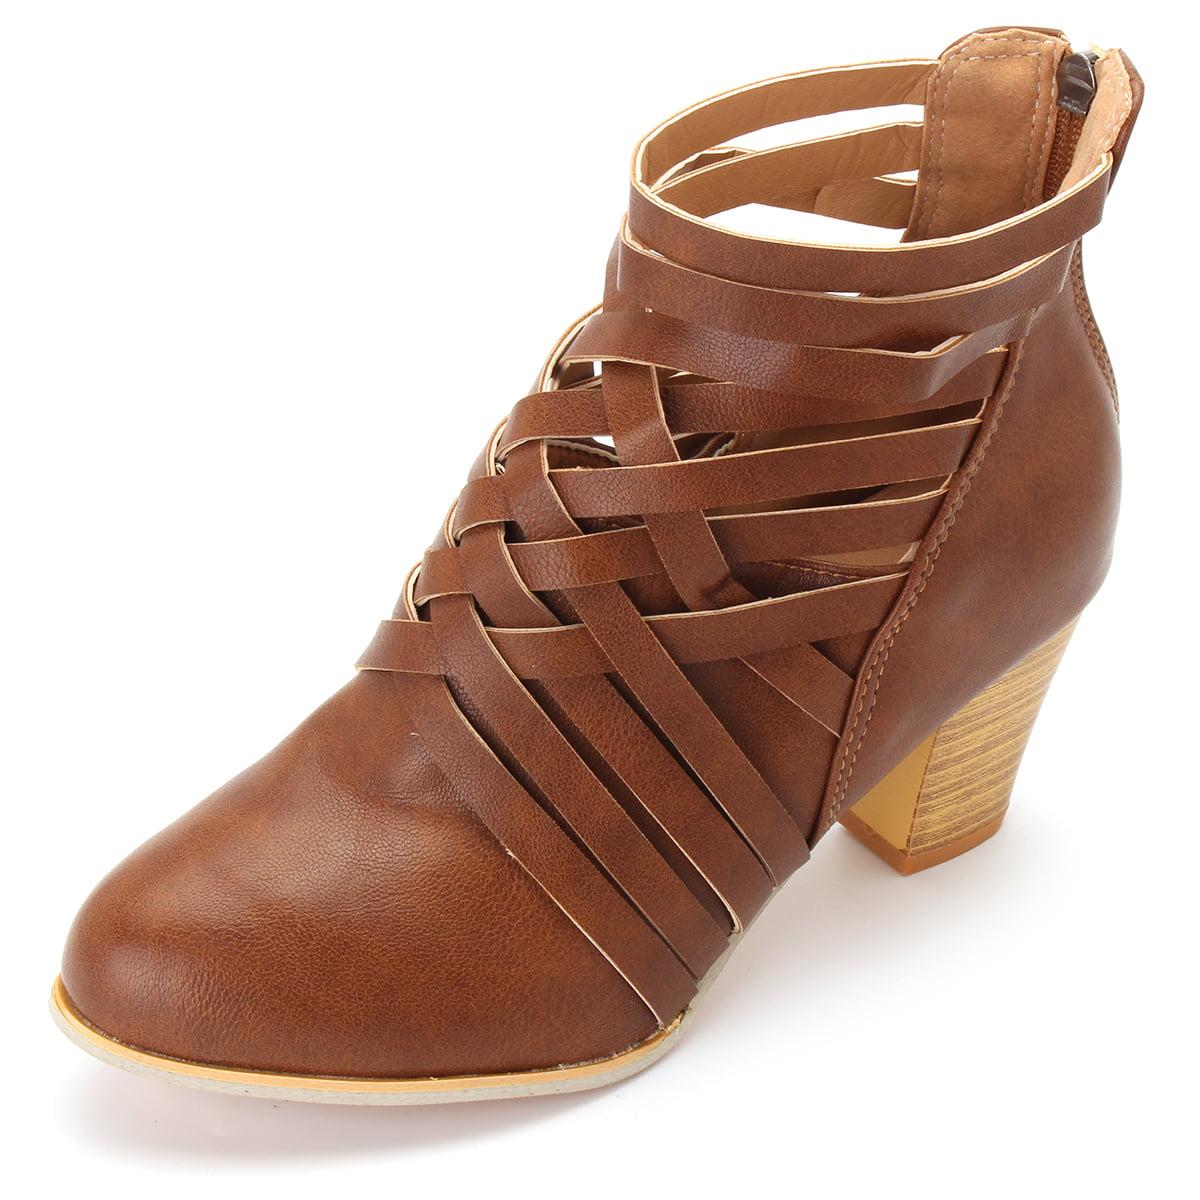 628e35da49e Meigar - Women s Ankle Boots Block Low Mid Heel Sandals - Walmart.com